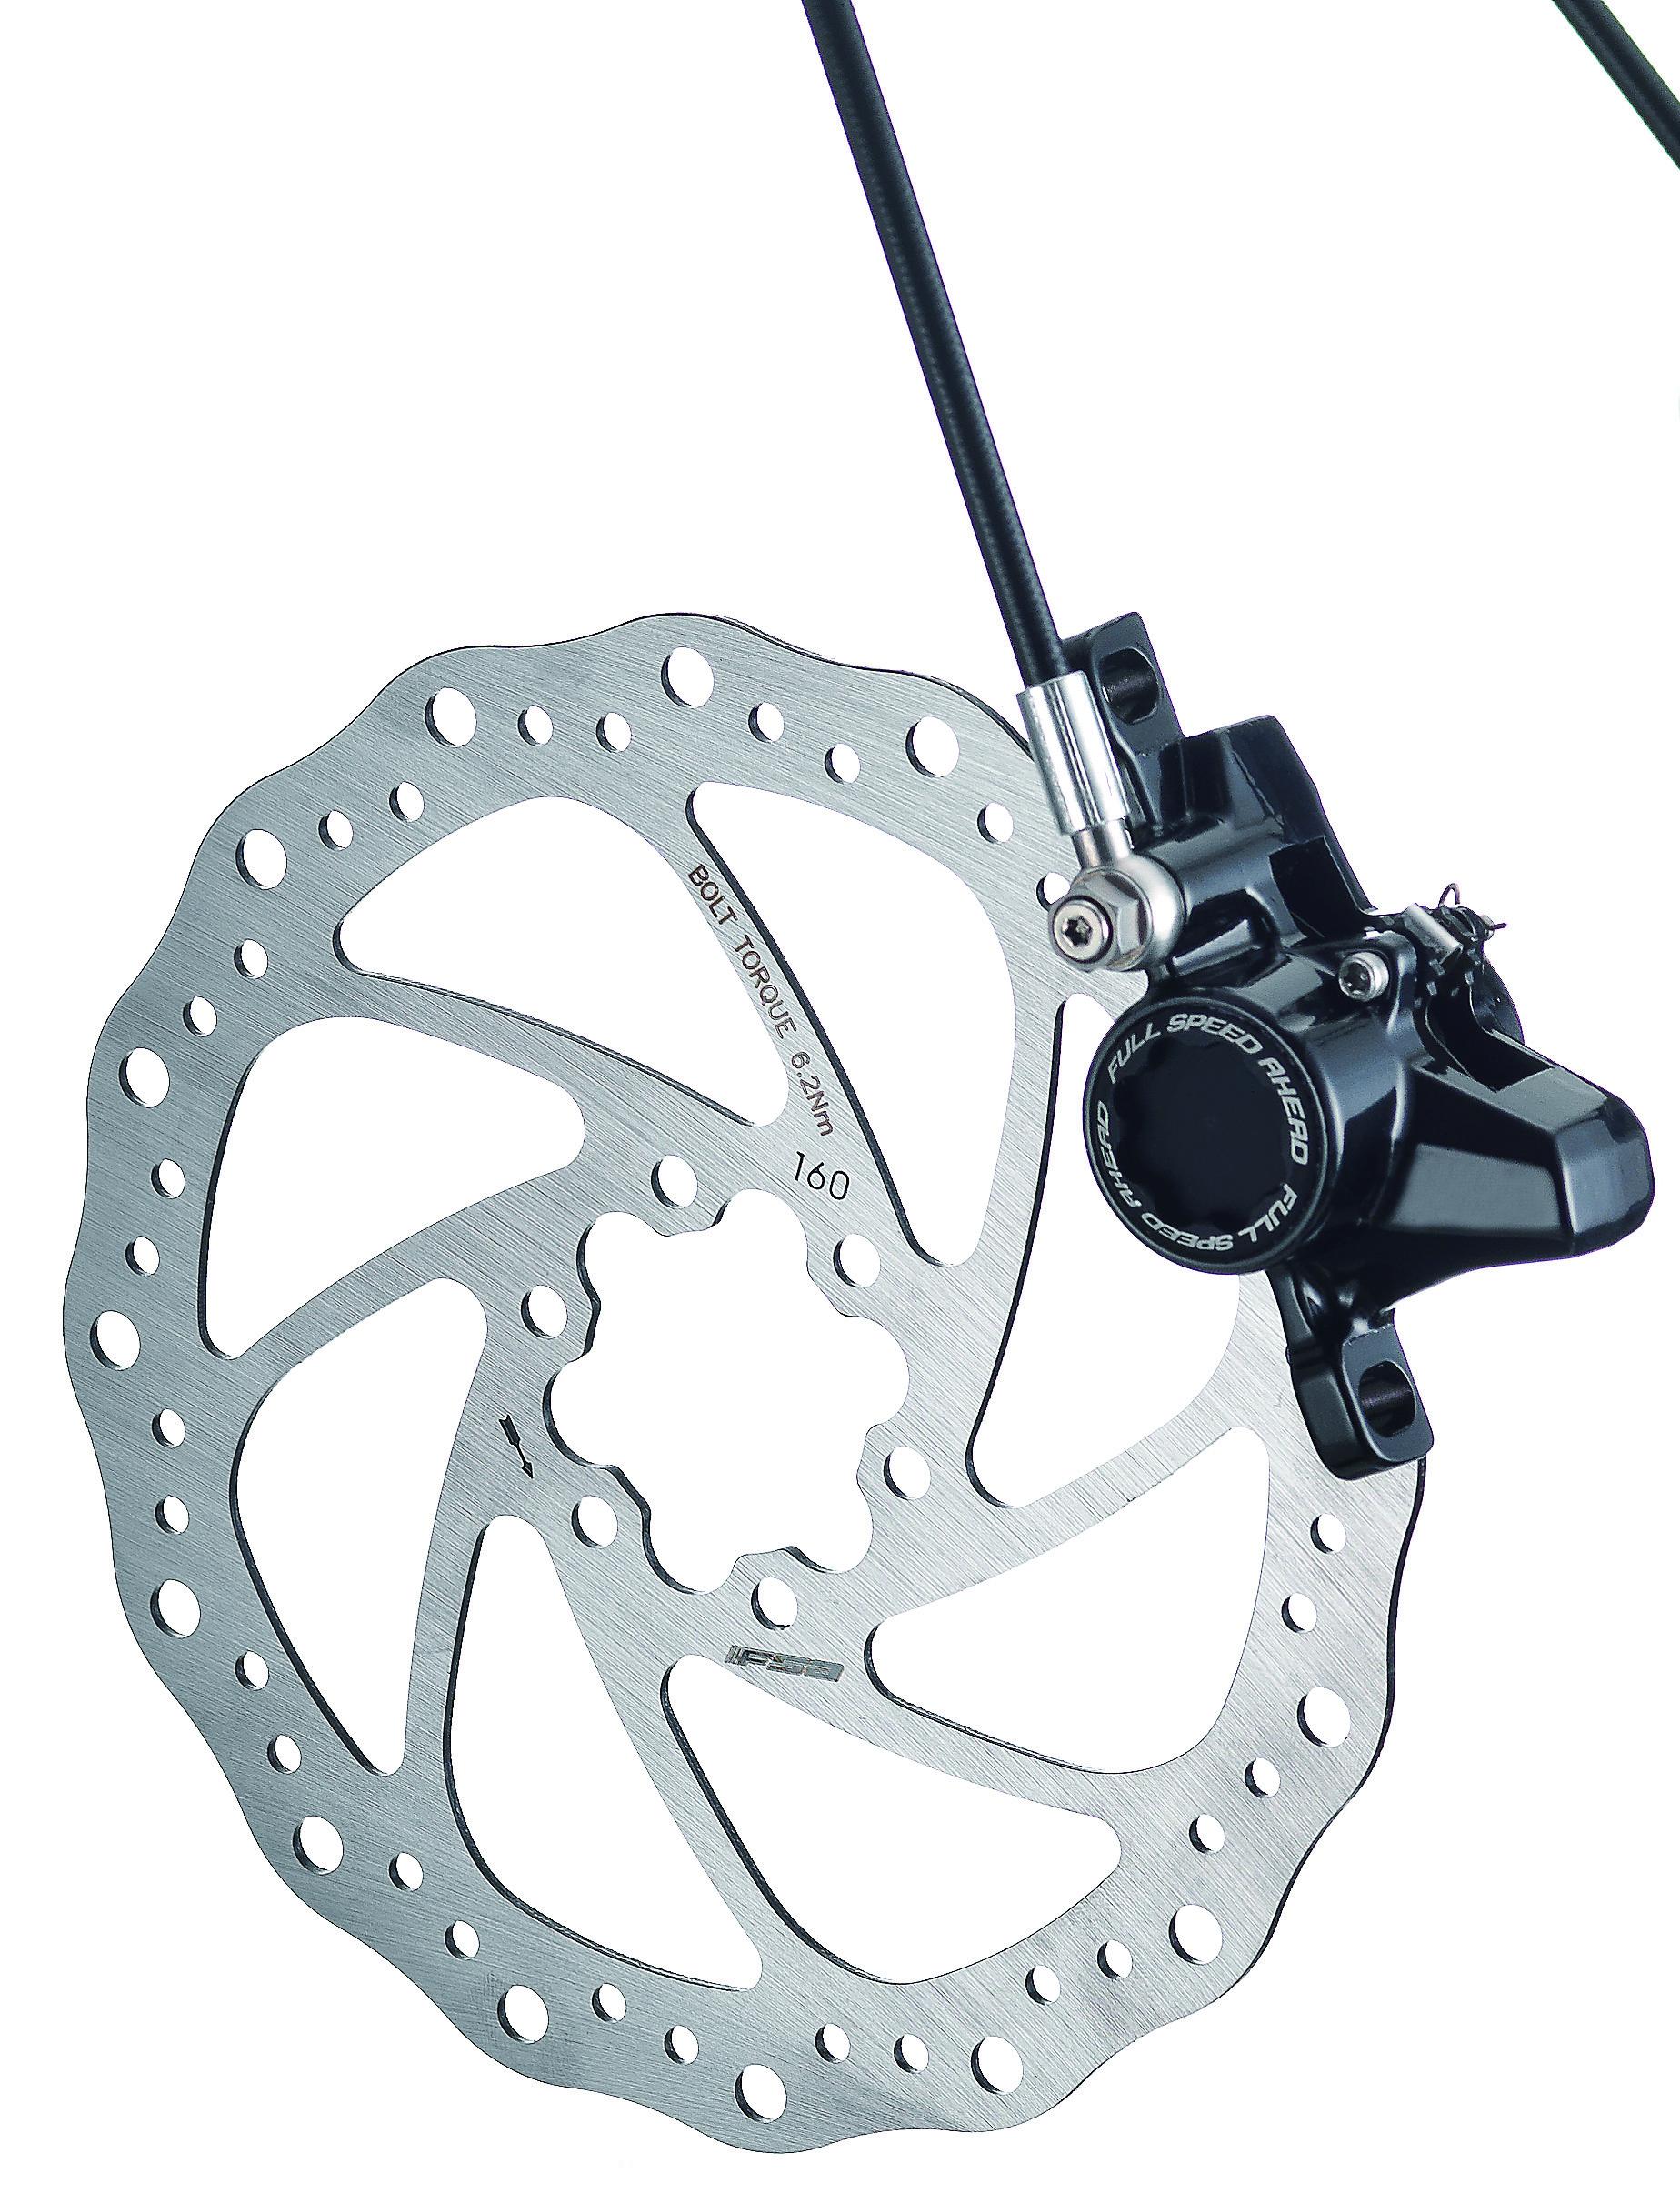 FSA Skivebremsesæt AFTERBURNER XC-9150 Sort SORT | Brake calipers